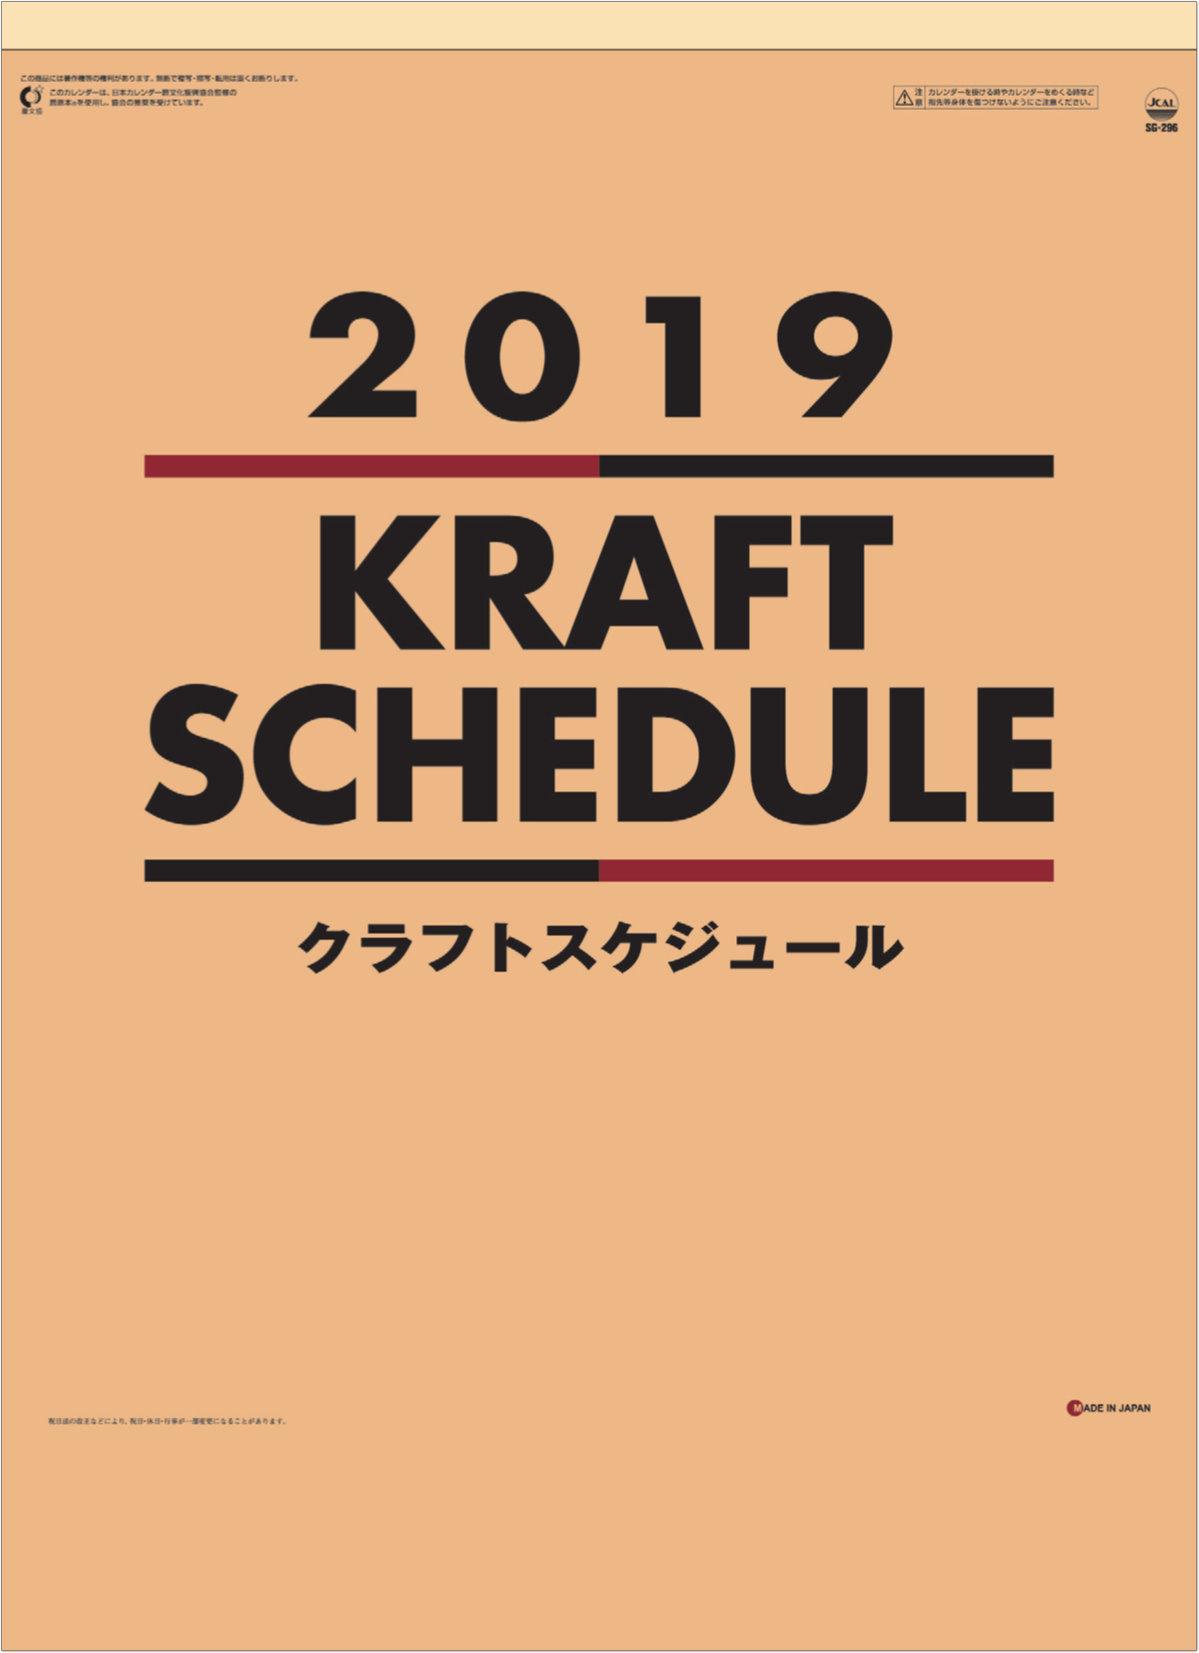 表紙 クラフトスケジュール 2019年カレンダーの画像